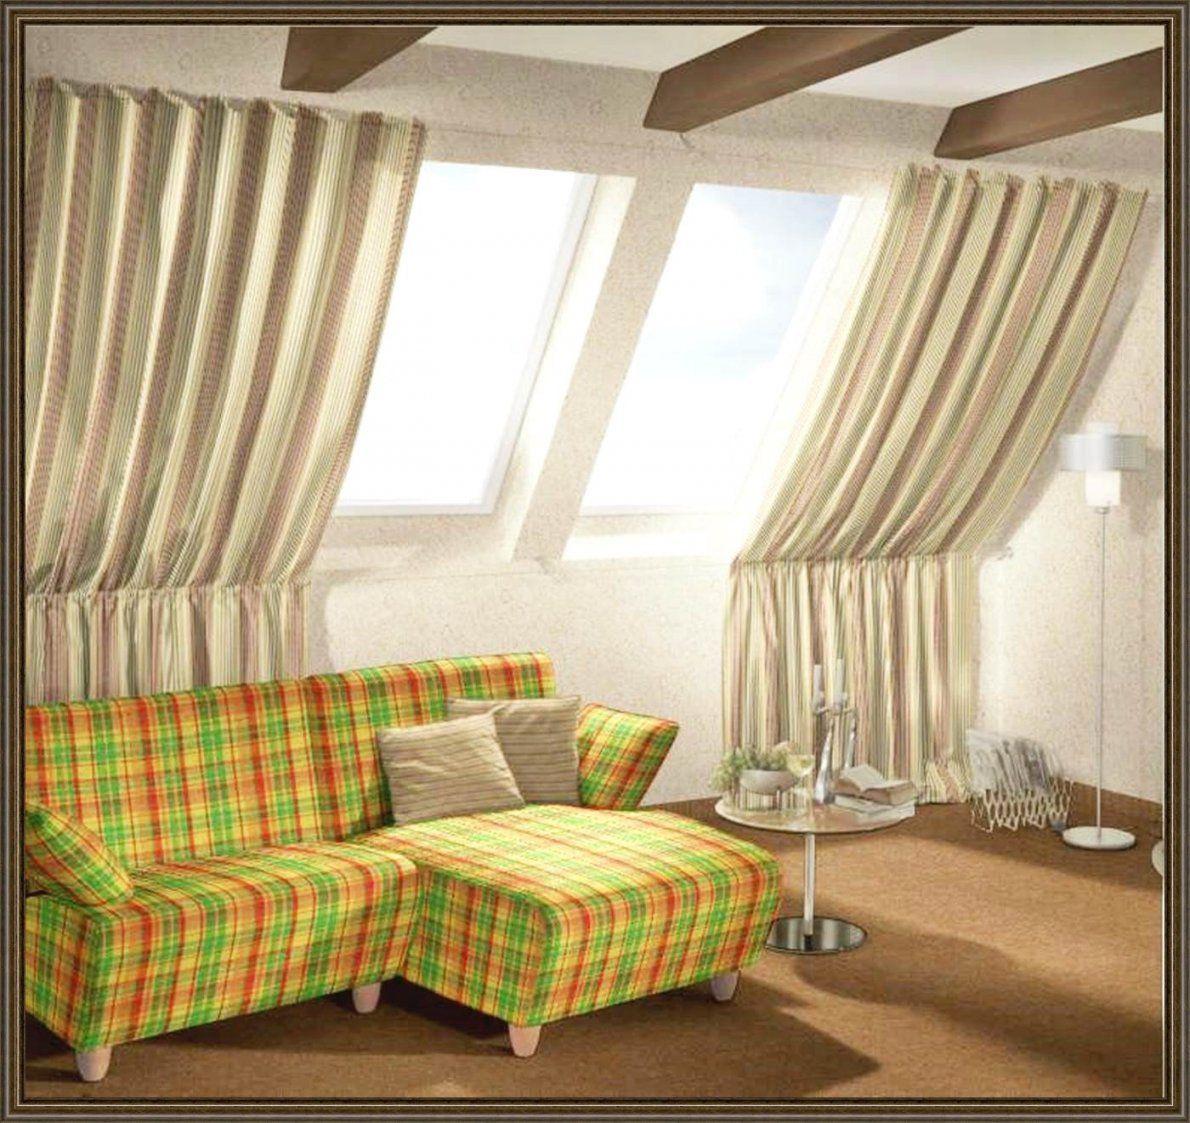 Gardinen Bezaubernd Gardinen Für Dachfenster Ikea Zauberhaft von Gardinen Für Dachfenster Ikea Photo